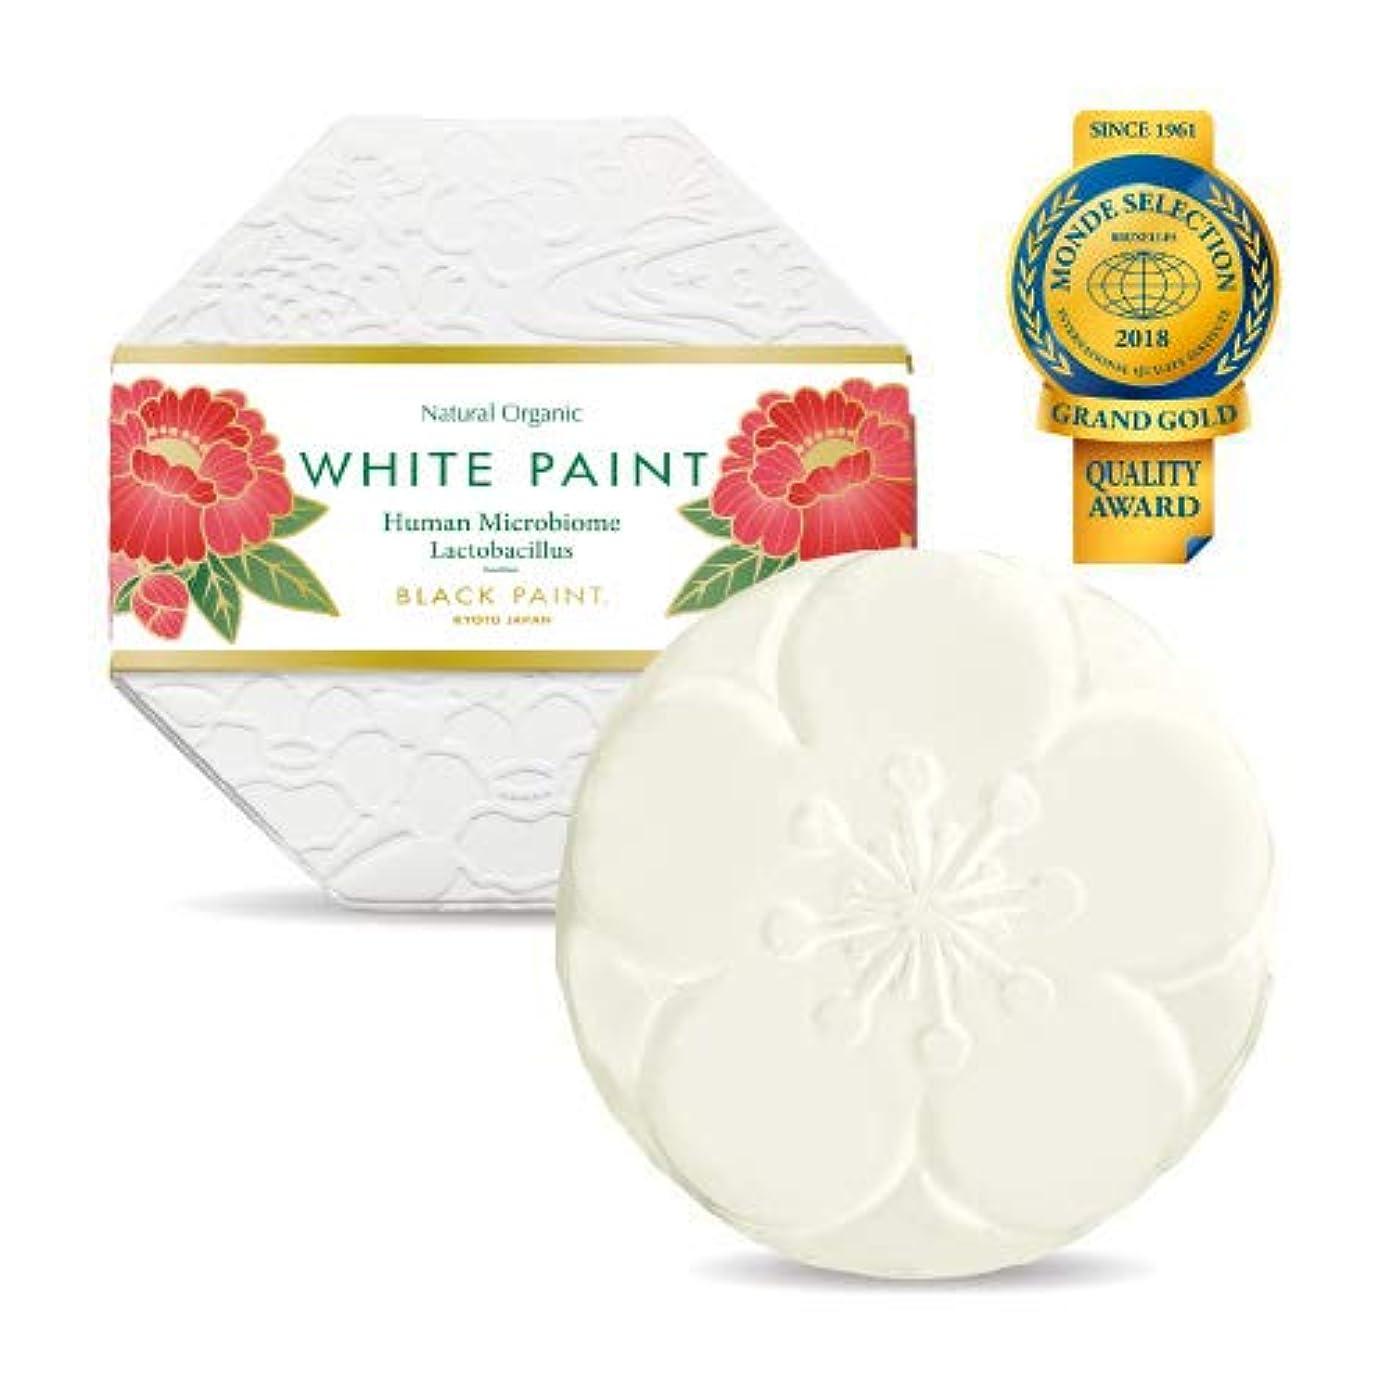 洗う寛容代替プレミアム ホワイトペイント 120g 塗る洗顔 石鹸 無添加 国産 …